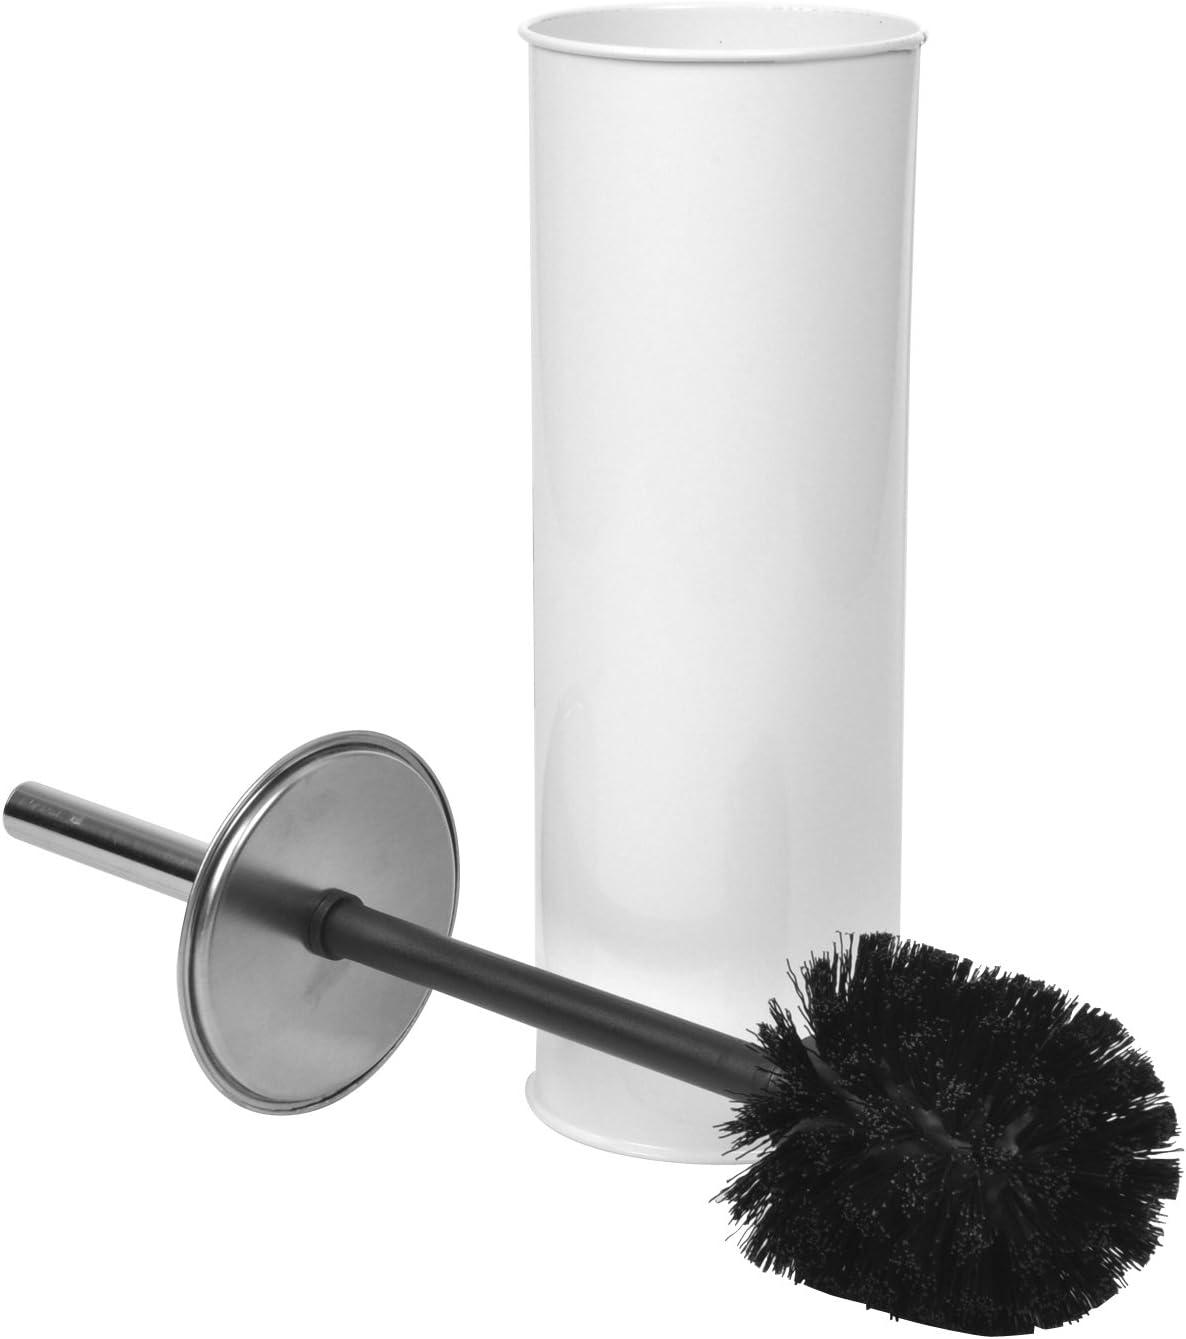 Wc-brosses salon stand modèle 110x400x130mm verre Chrome Noir badartikel Bain